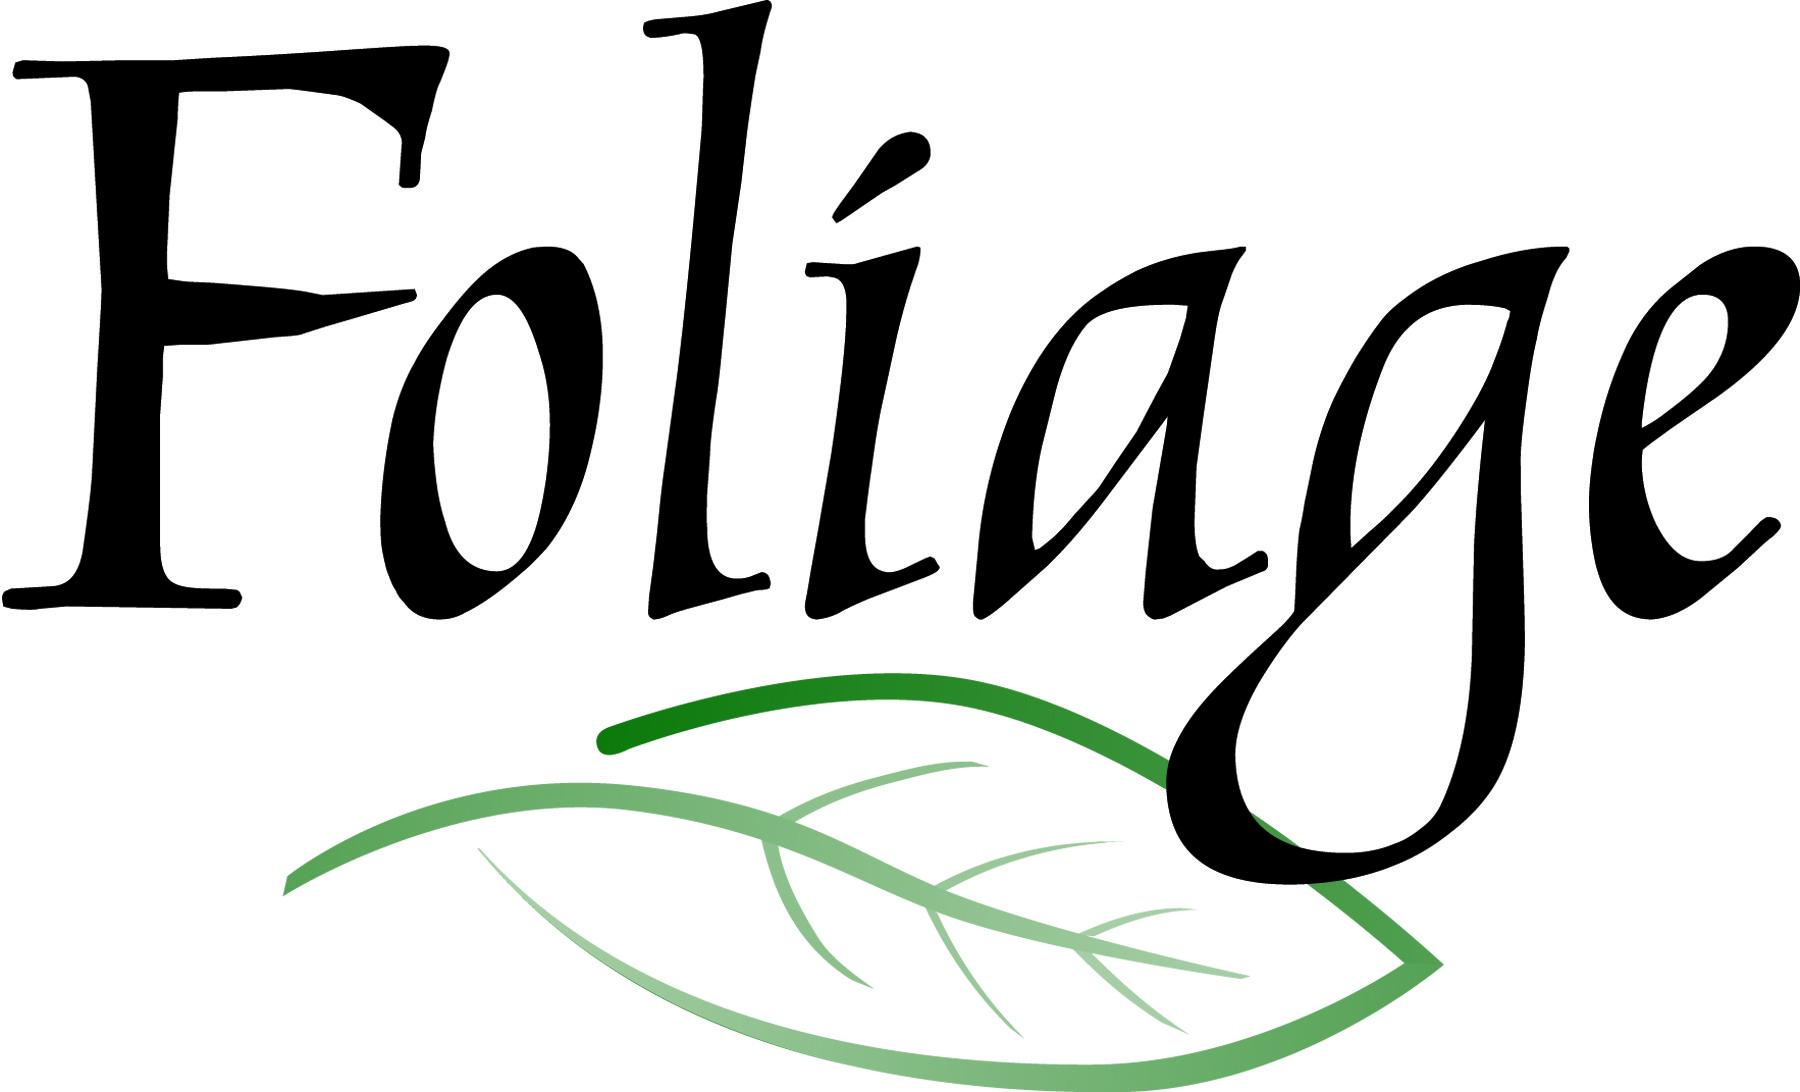 Foliage, Inc